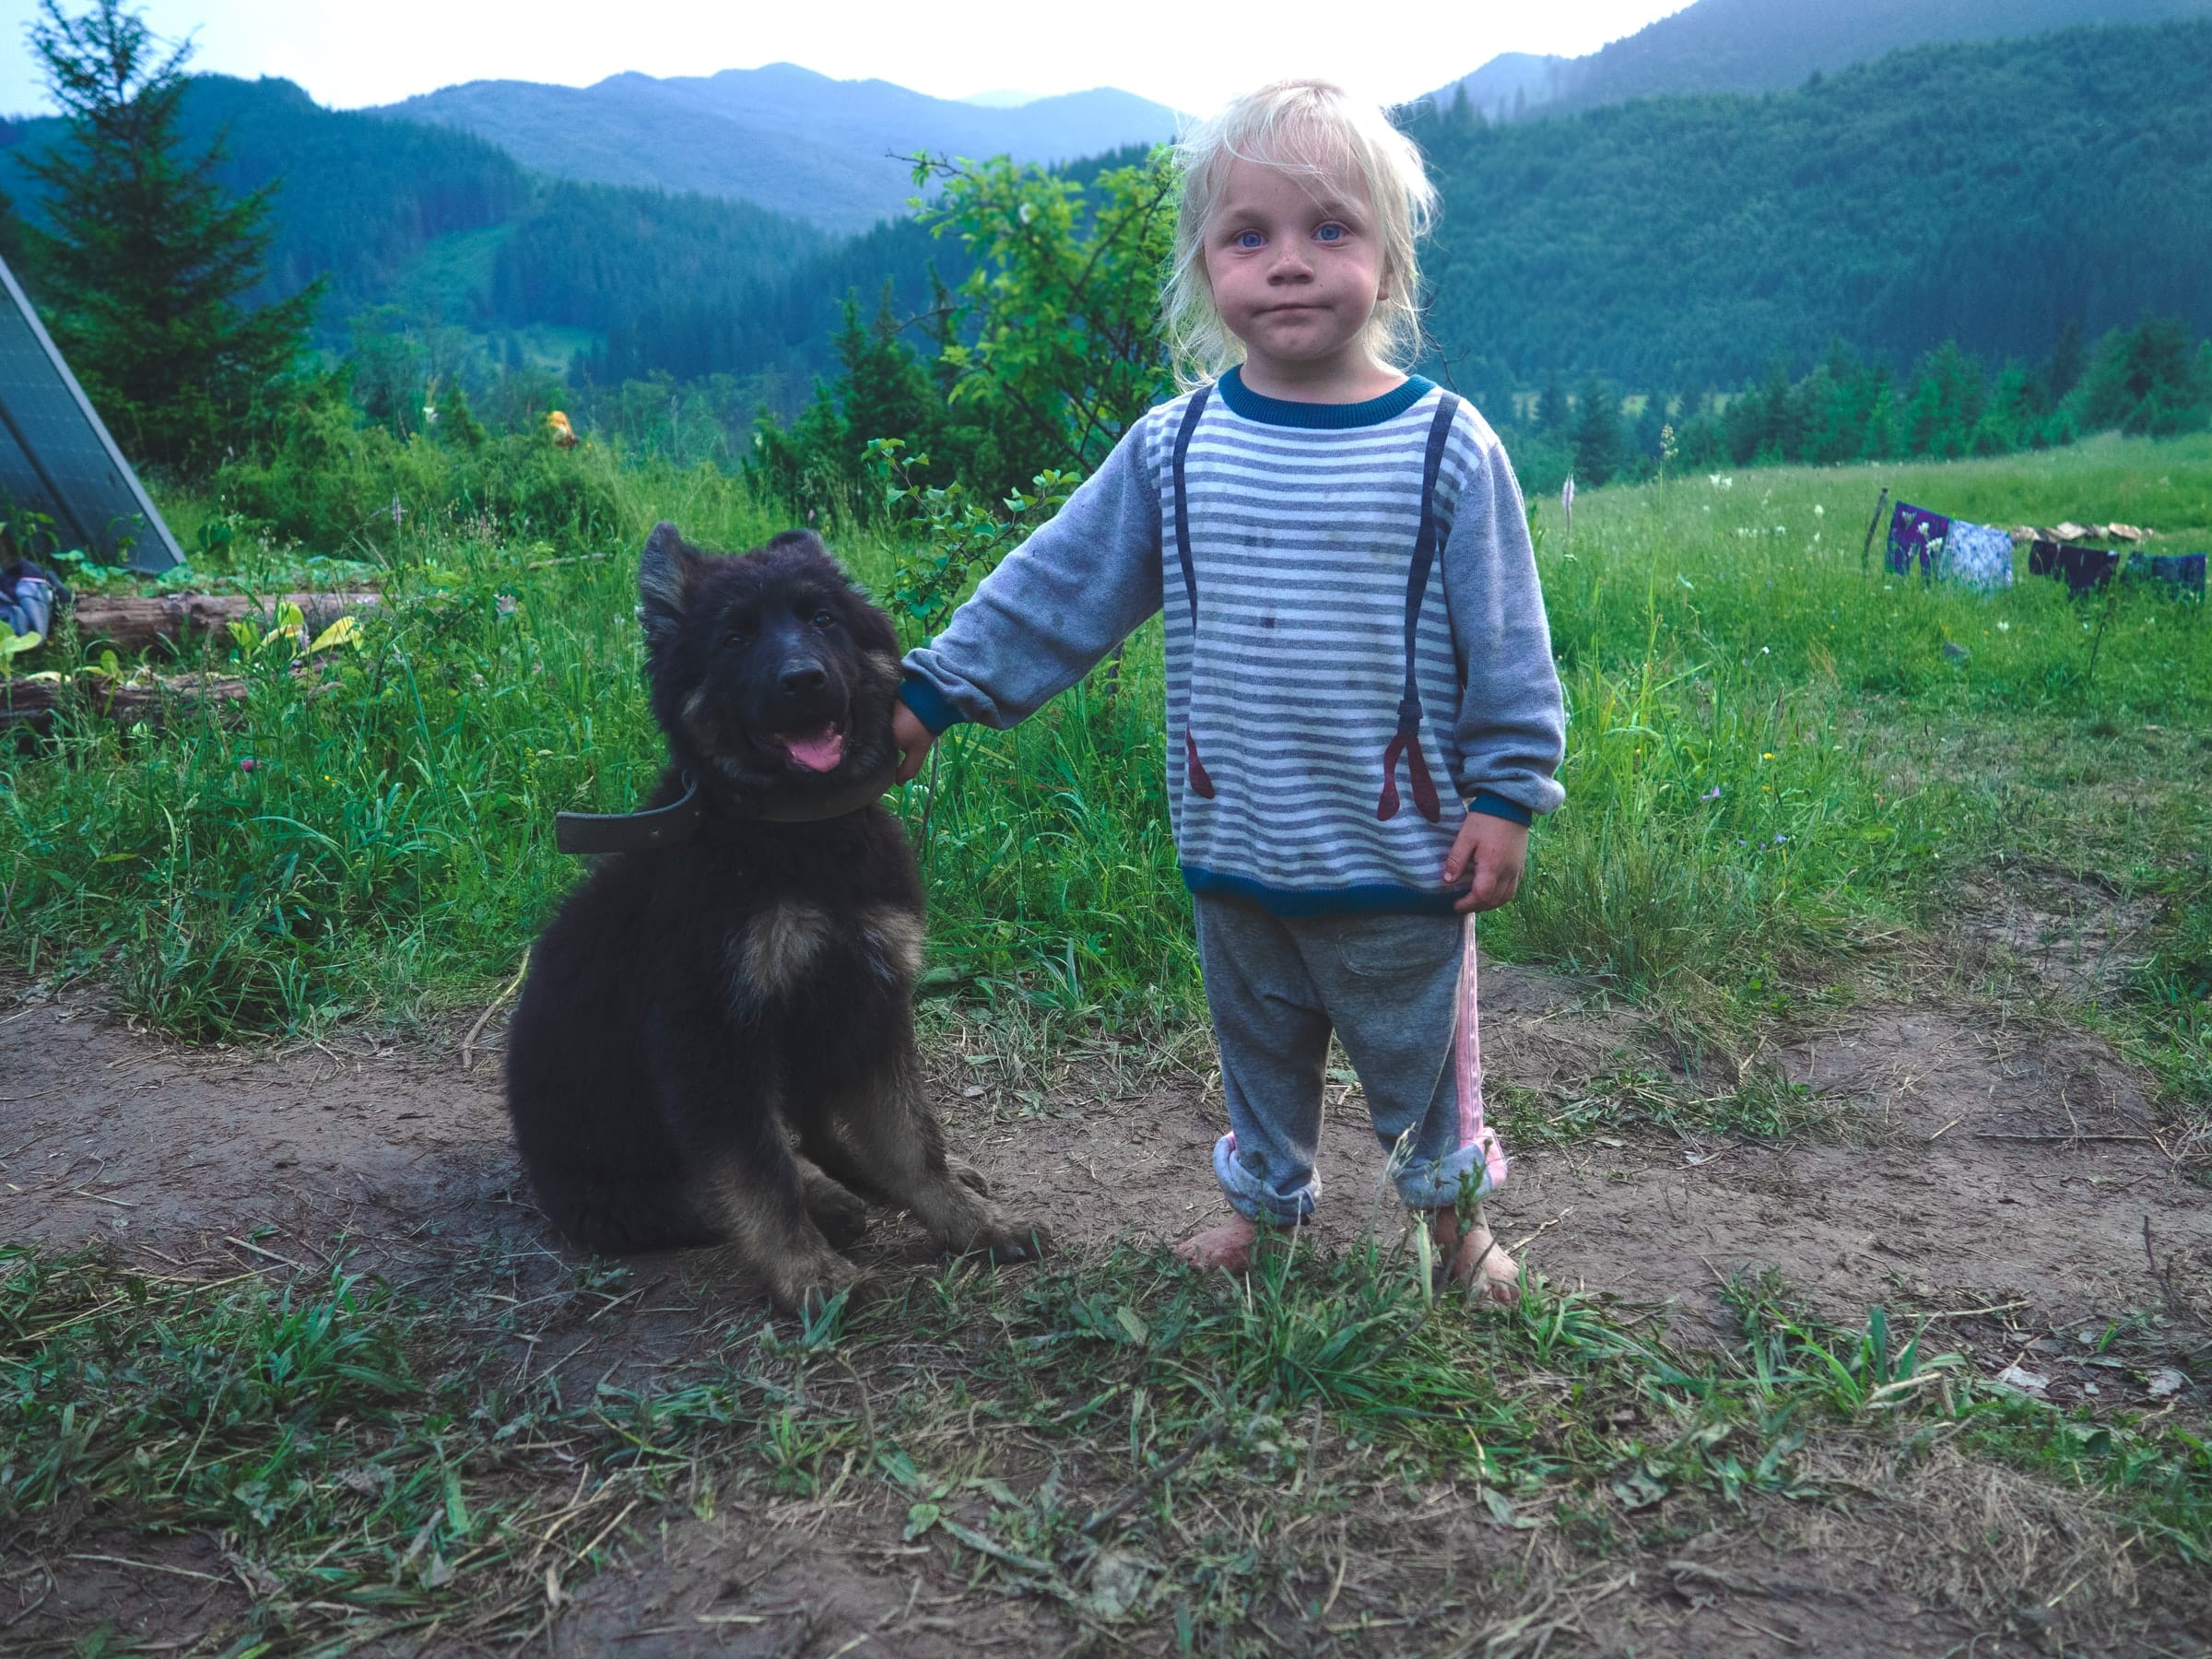 Las vacaciones para nuestras mascotas